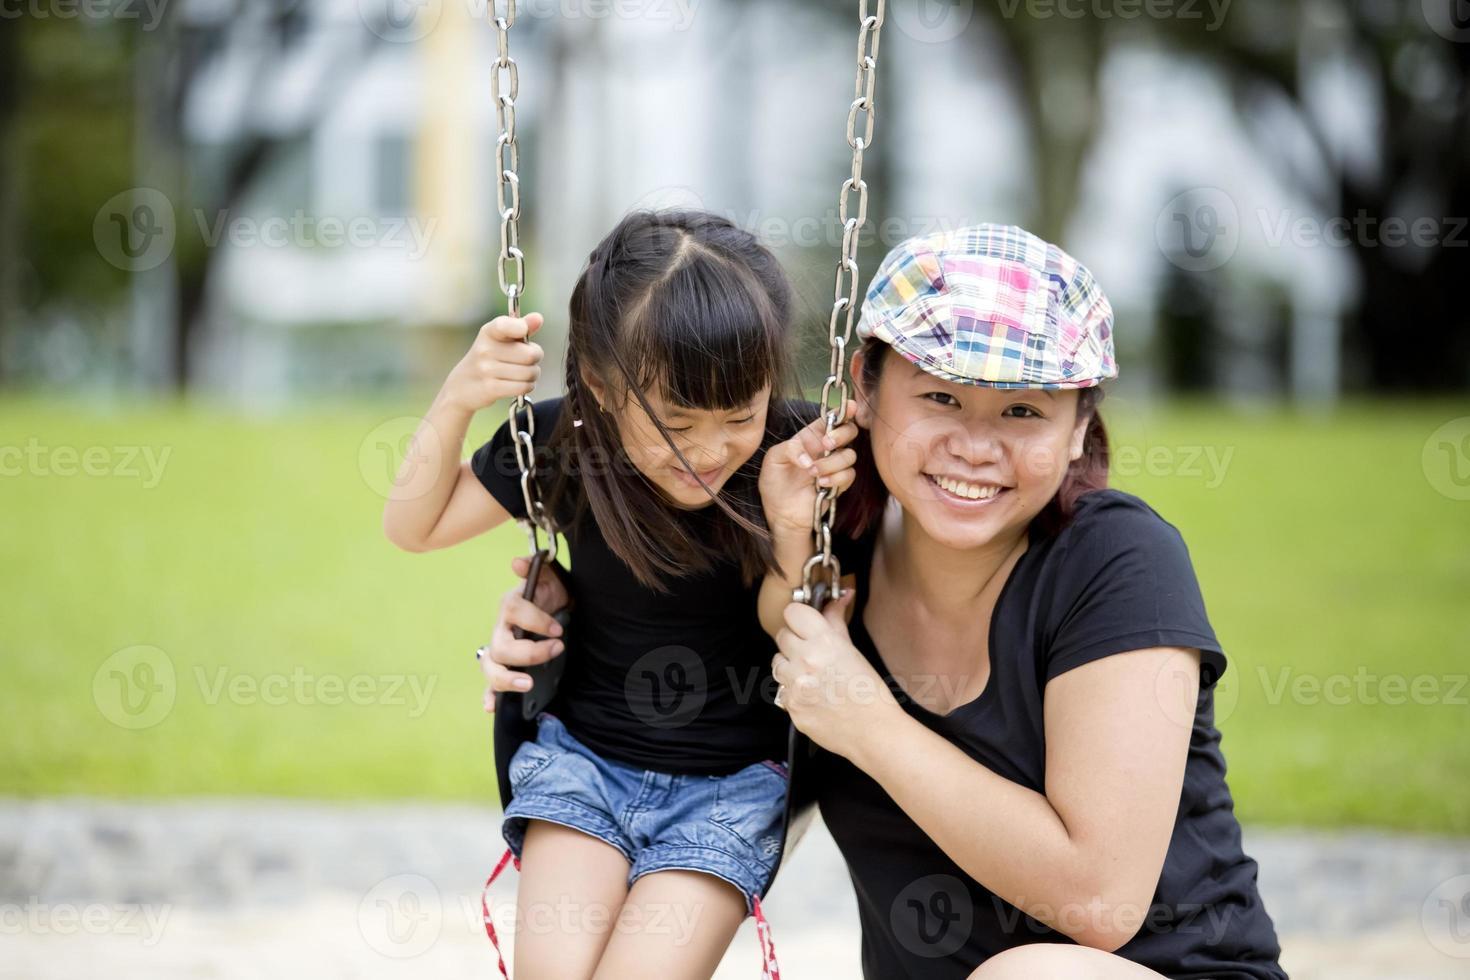 giovane madre asiatica e figlia che giocano nel parco foto